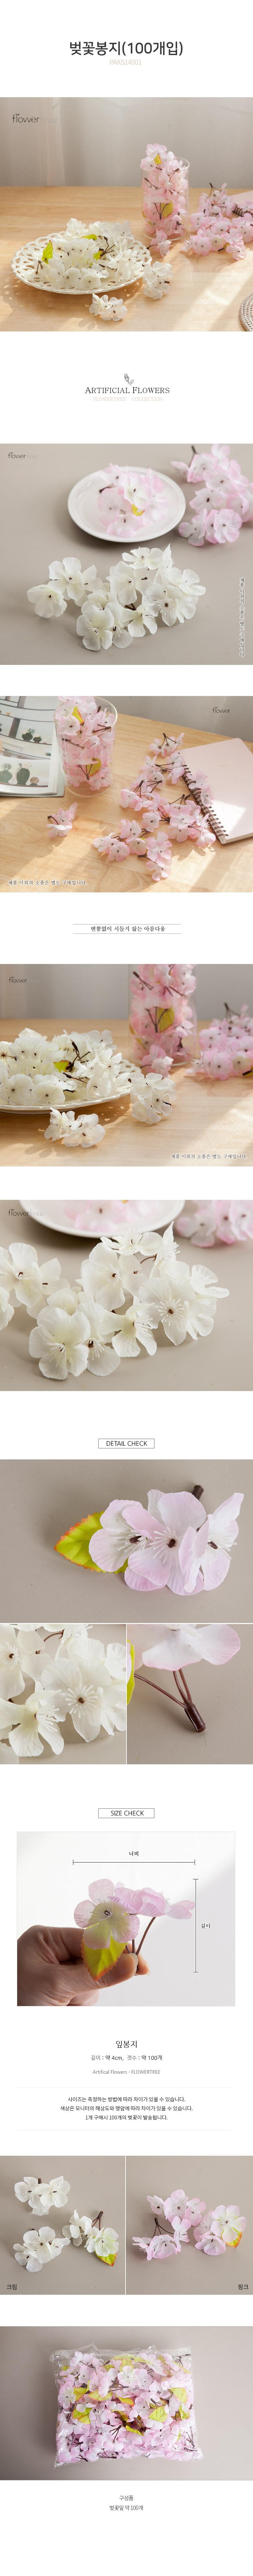 벚꽃봉지(100개입) FAIBFT 조화 꽃 인테리어 장식 봄꽃 잎봉지 셀프 DIY - 플라워트리, 7,800원, 조화, 부쉬